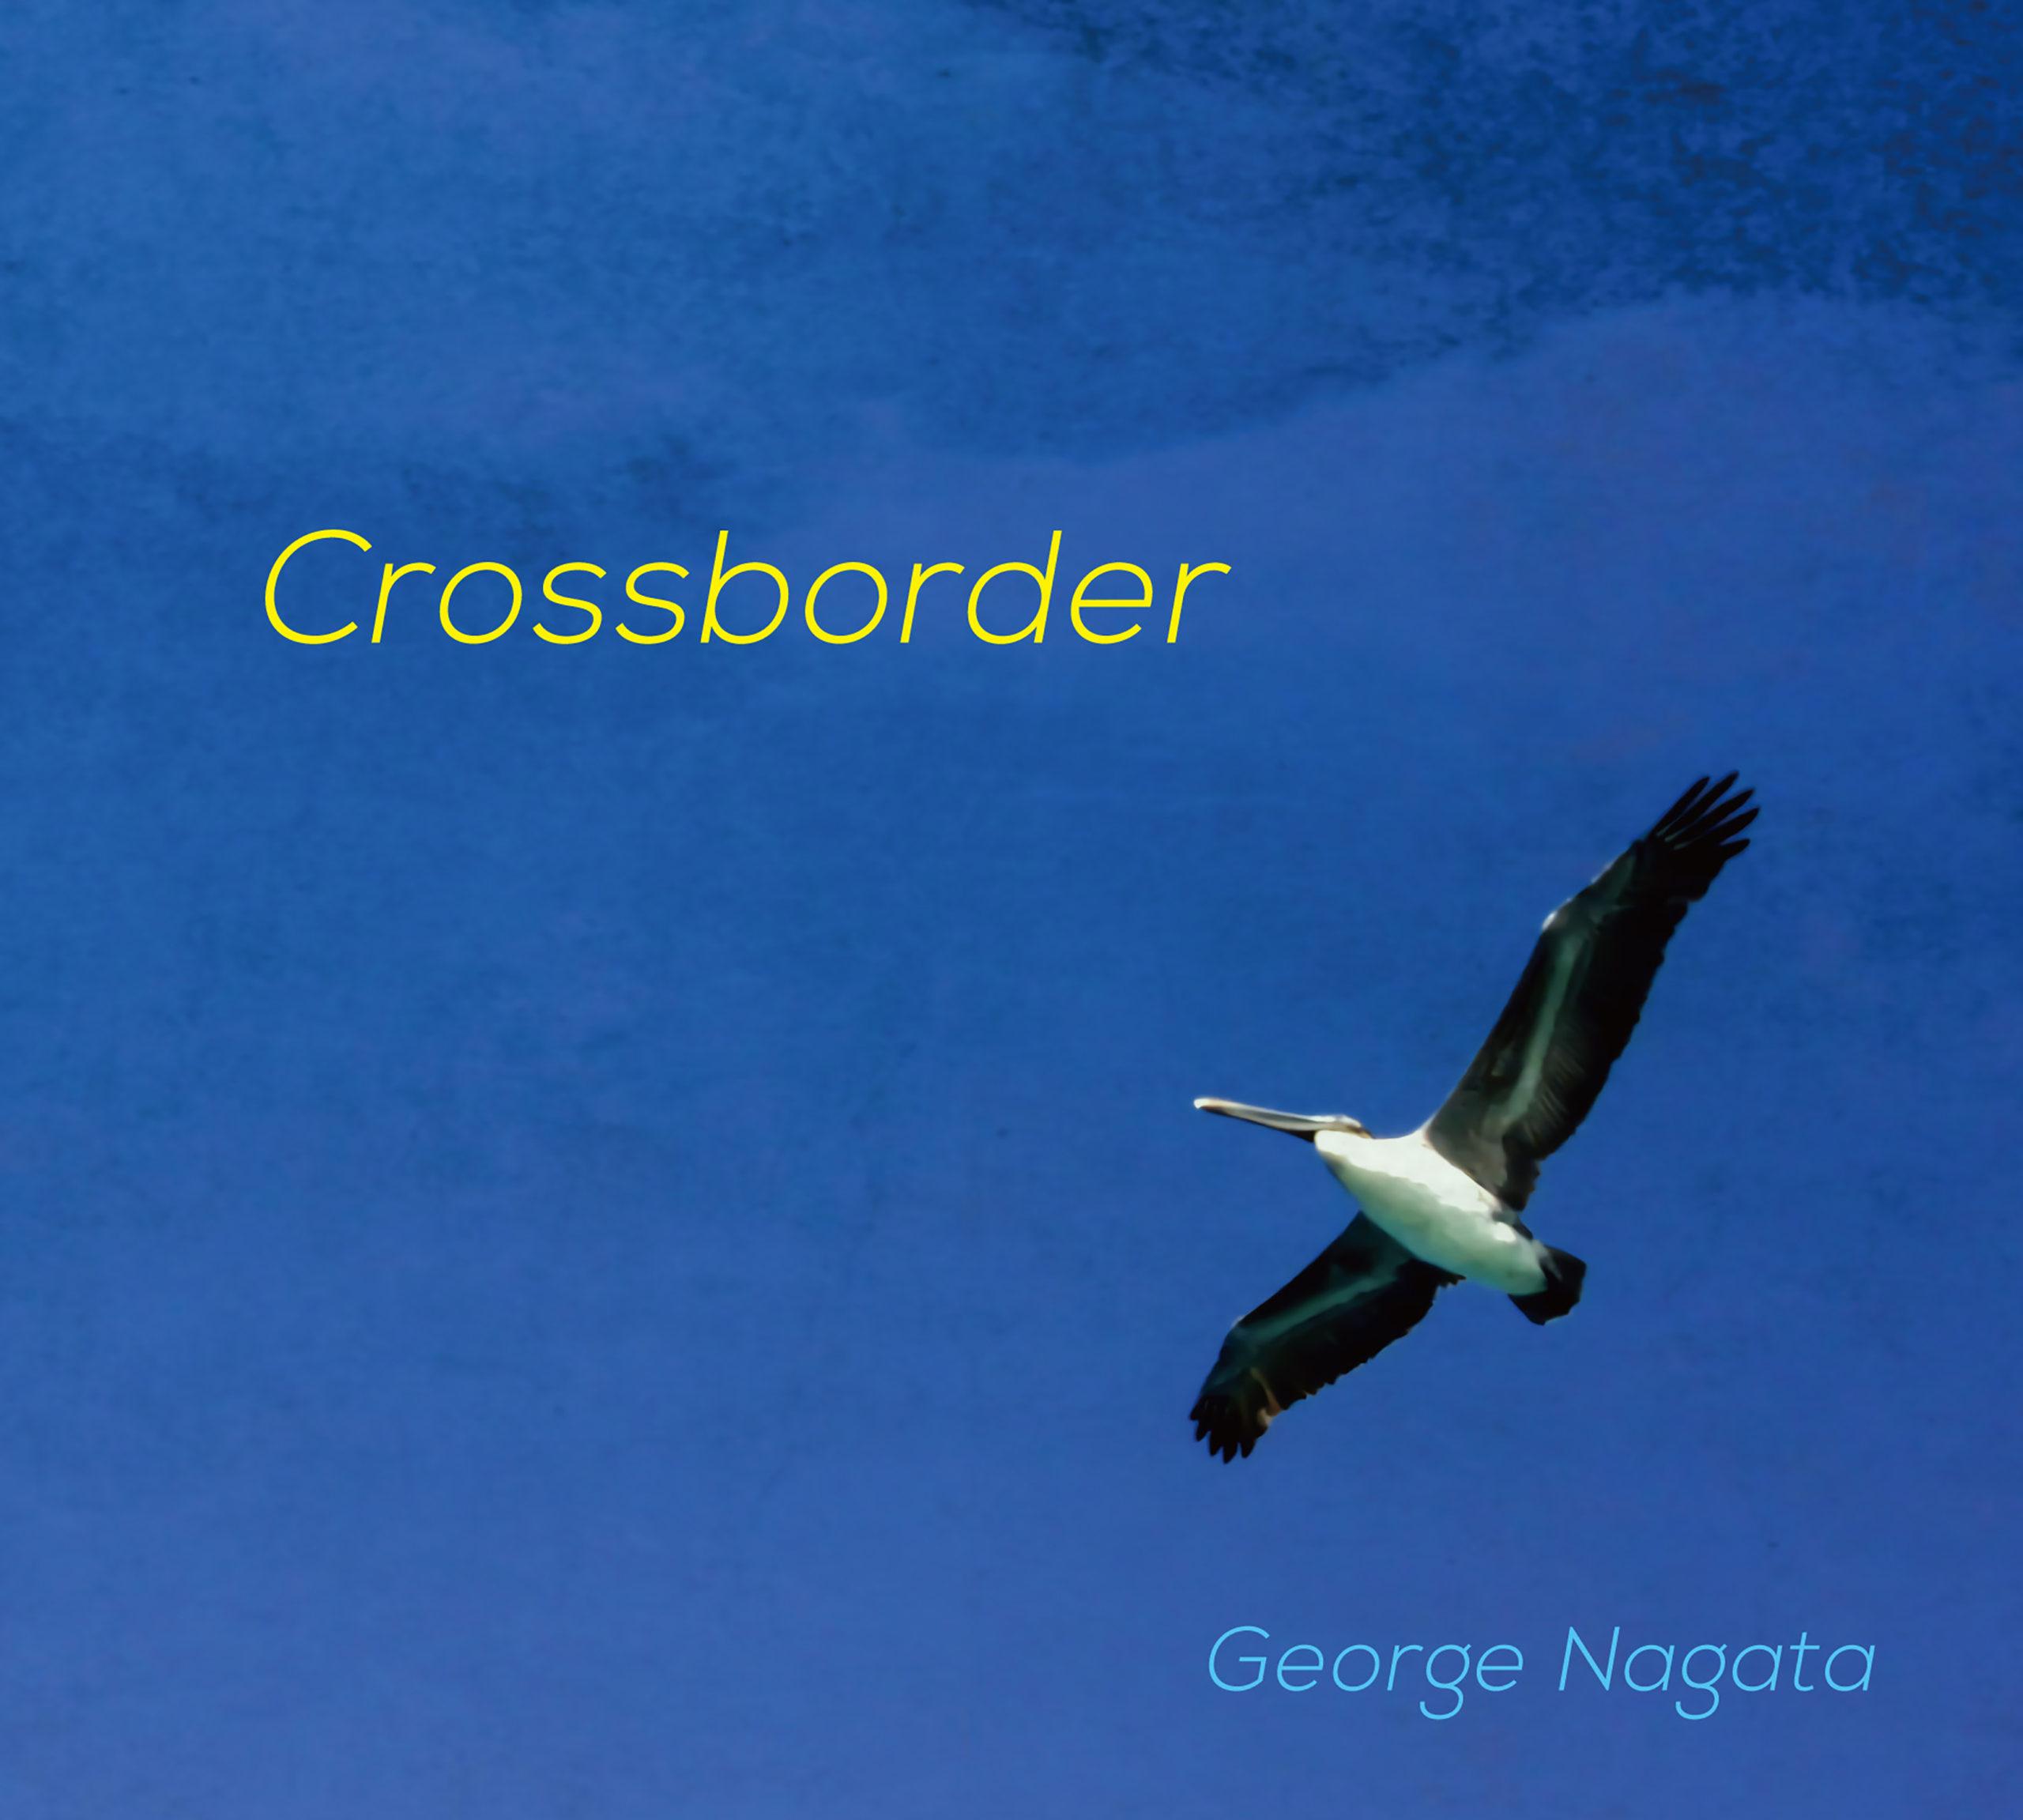 旅するピアニスト・永田ジョージによるピアノアルバム 「Crossborder」リリース!